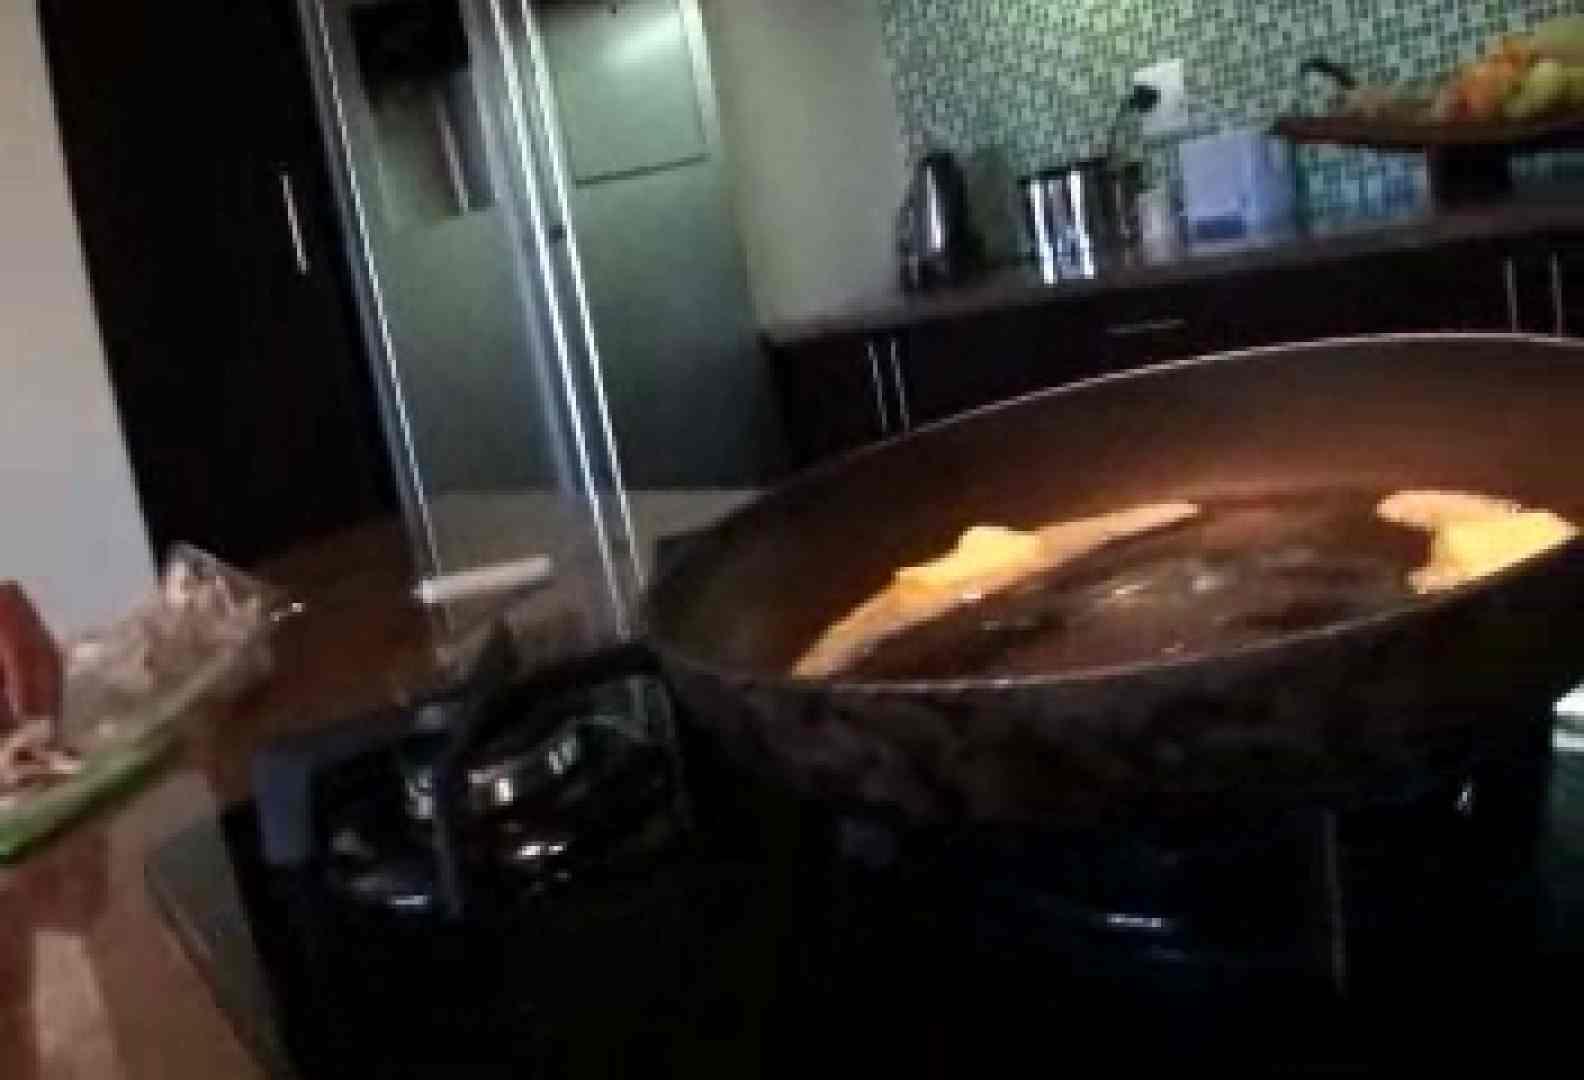 【洋物】ウルトラビューティーLOVER? ディープキス チンコ画像 101pic